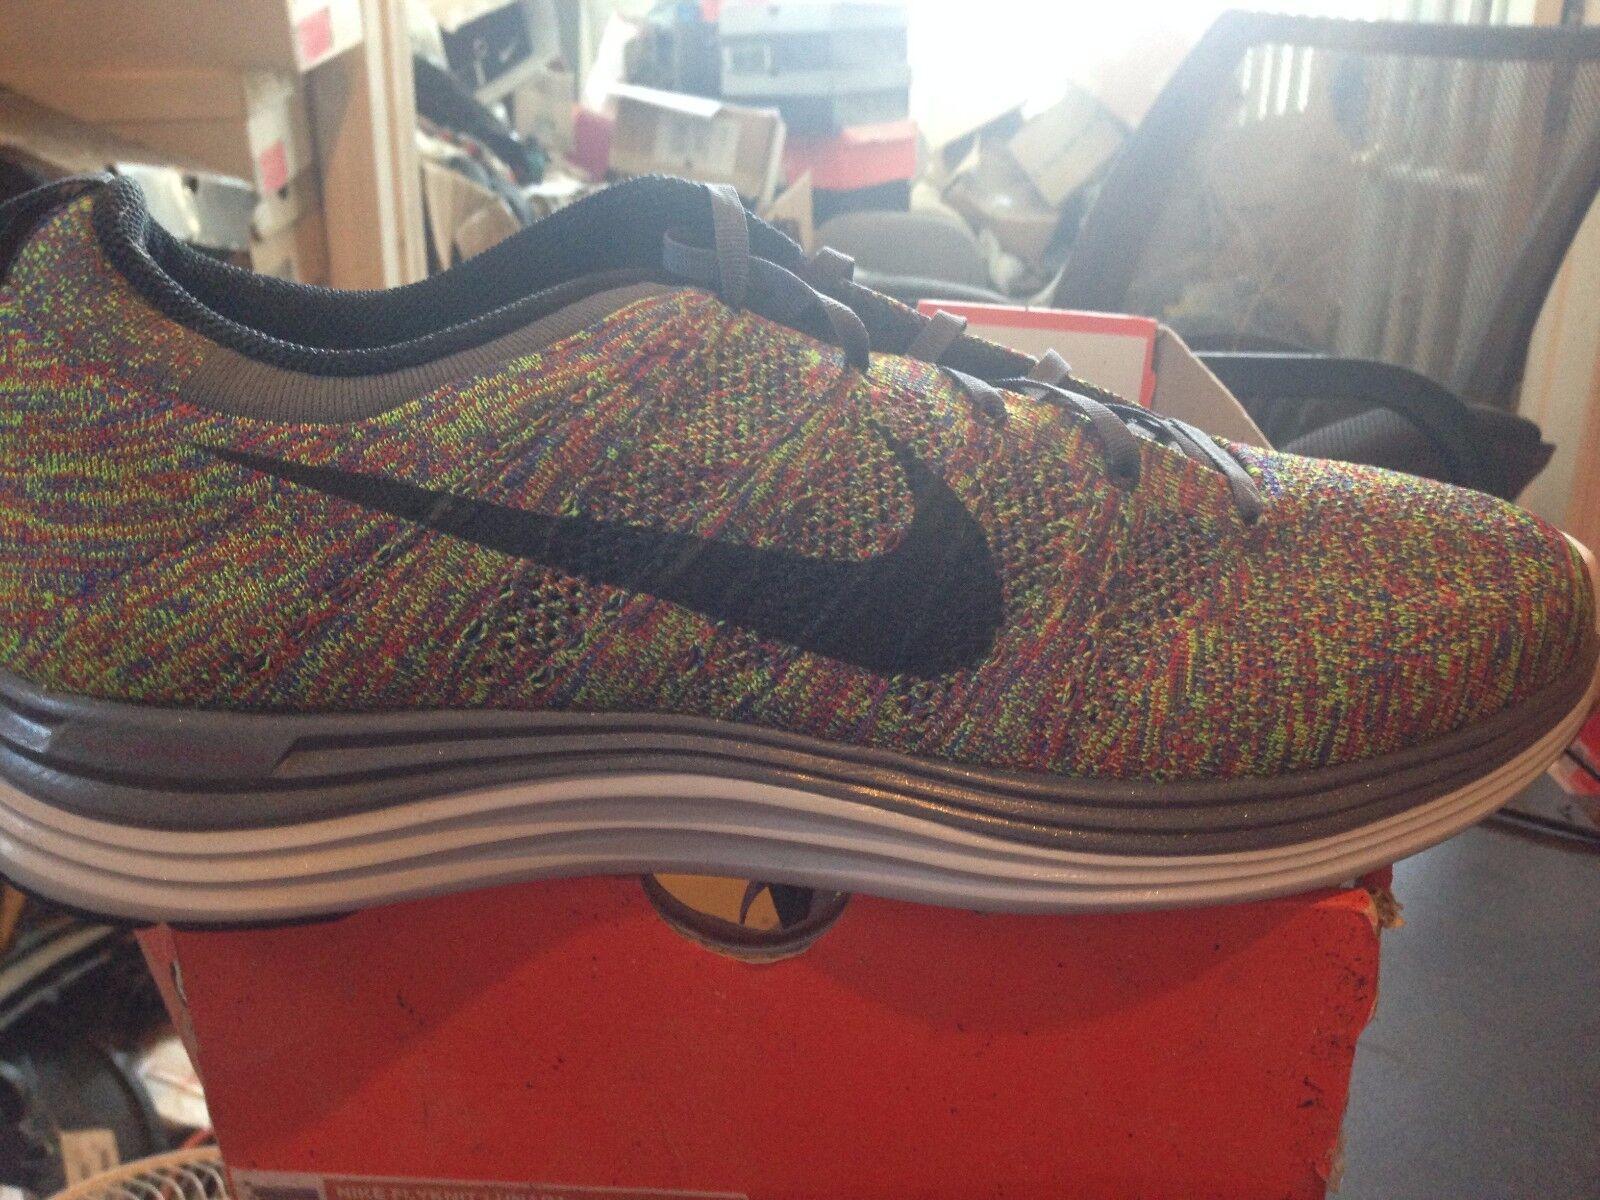 Nike flynit lunar 1 + / bnib grey / blk / + multi - numero 15 229395